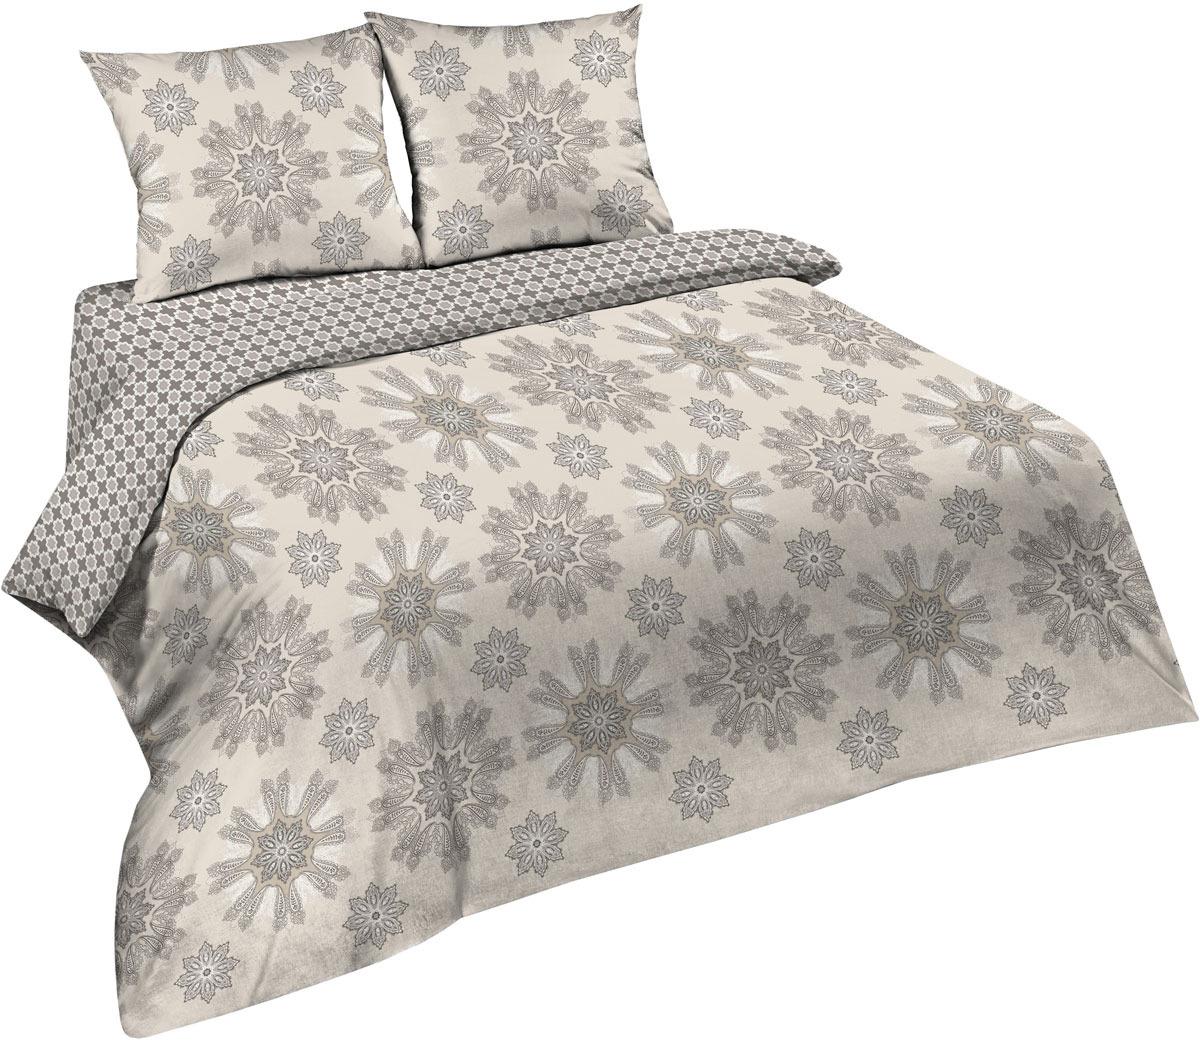 Комплект постельного белья Павлина Простые вещи, 1,5 спальный, наволочки 70x70. 7195 александр вин простые очень простые вещи